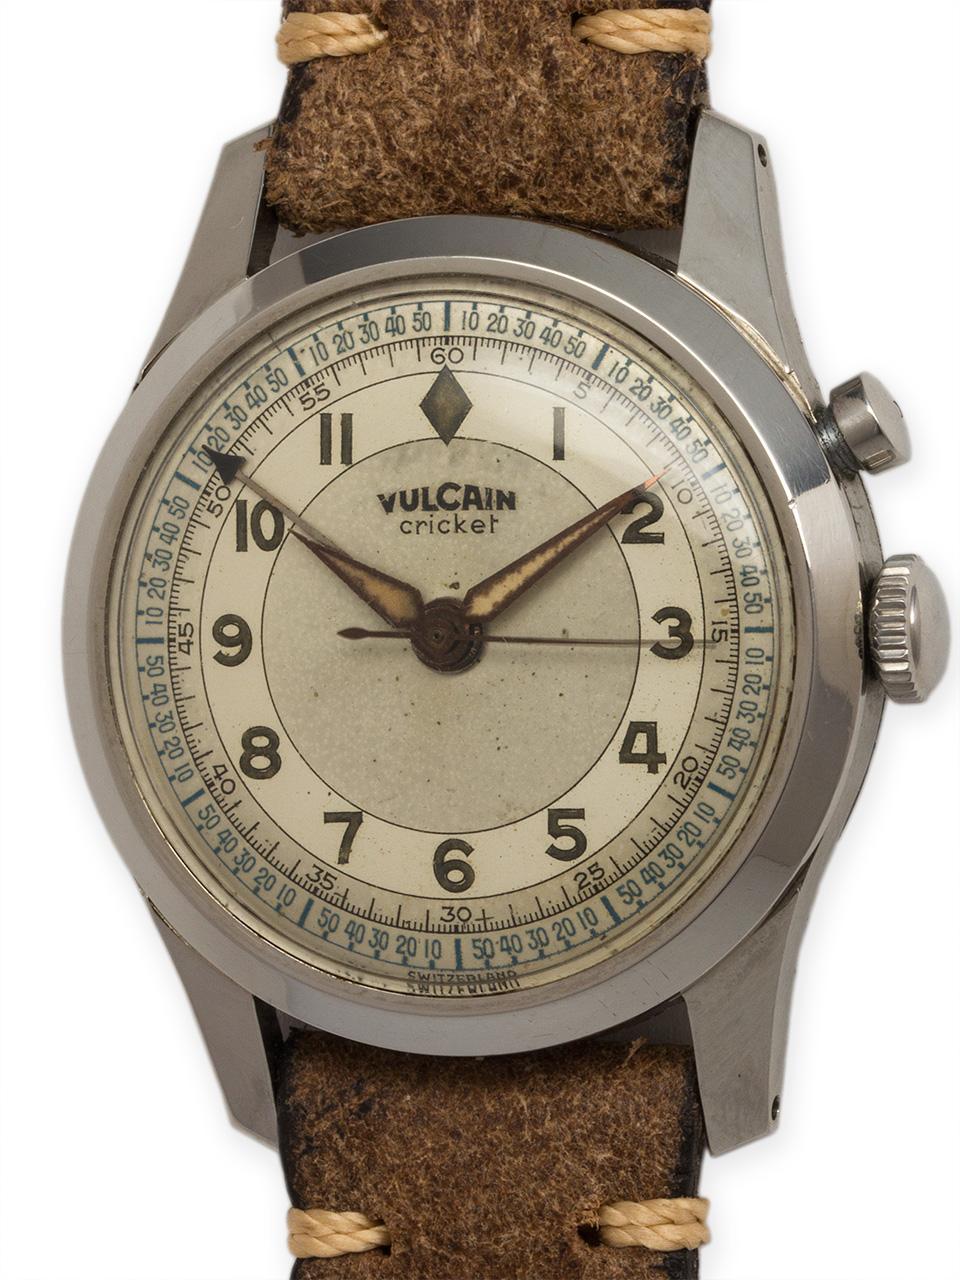 Vulcain SS Cricket Alarm circa 1950's